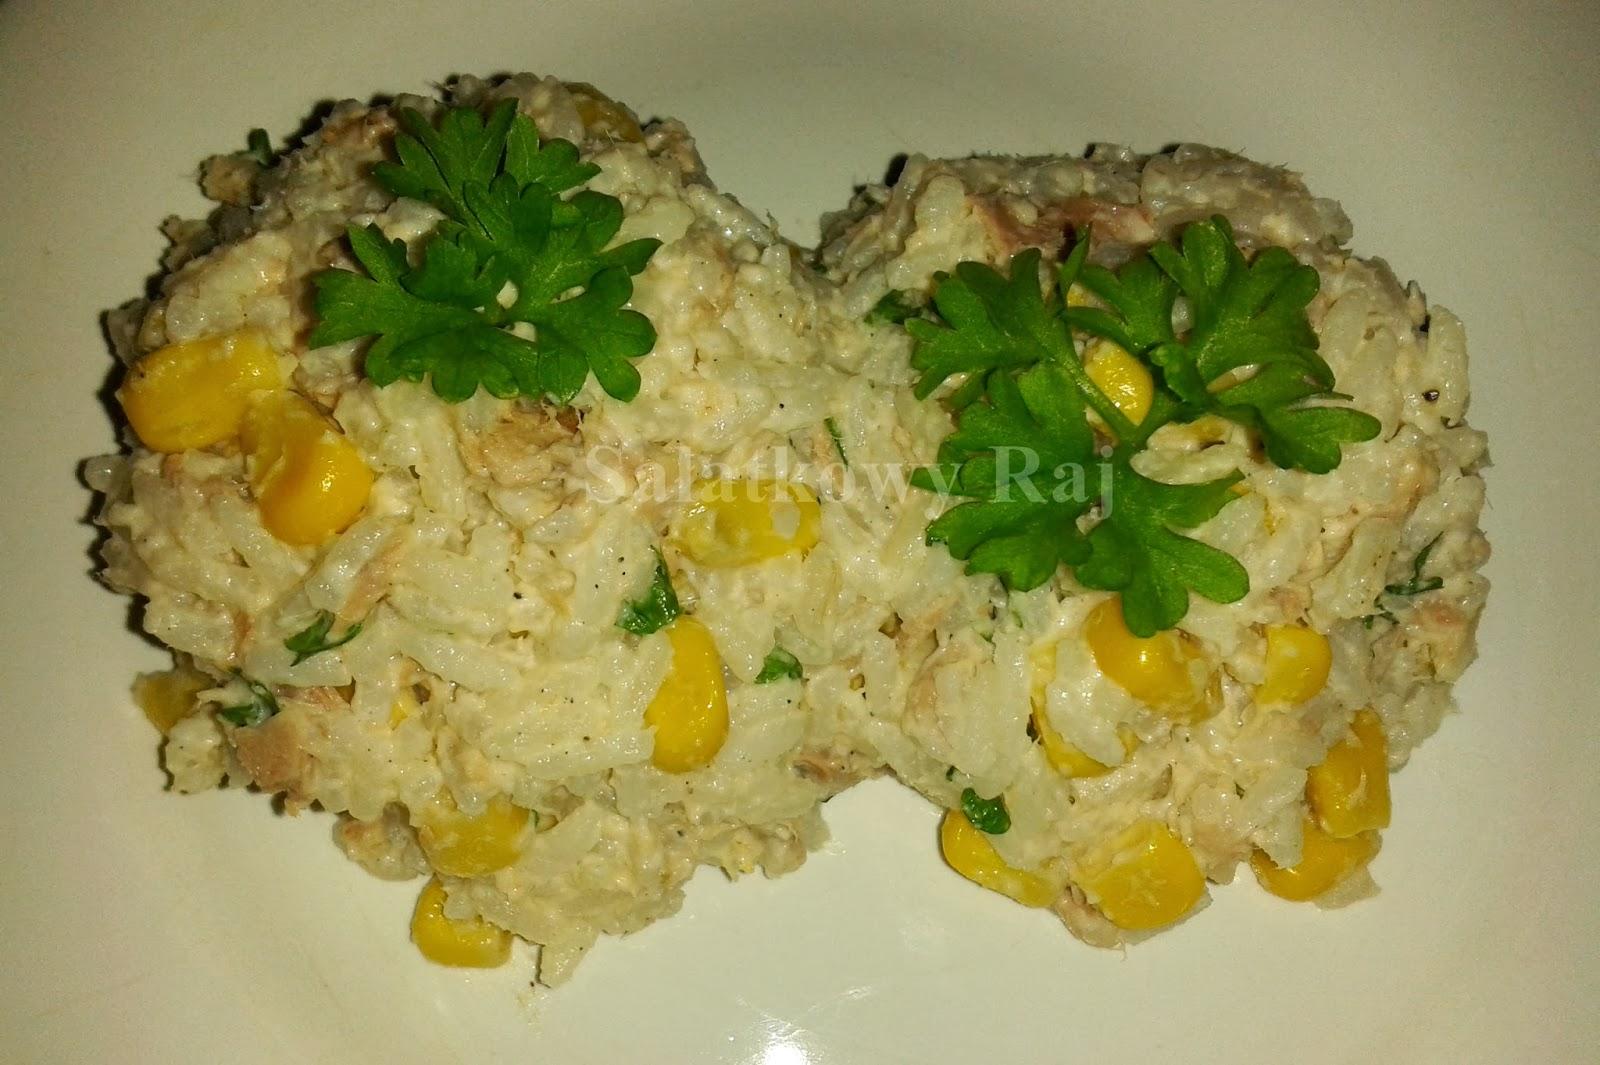 Salatkowy Raj Salatka Z Tunczykiem Ryzem Kukurydza I Natka